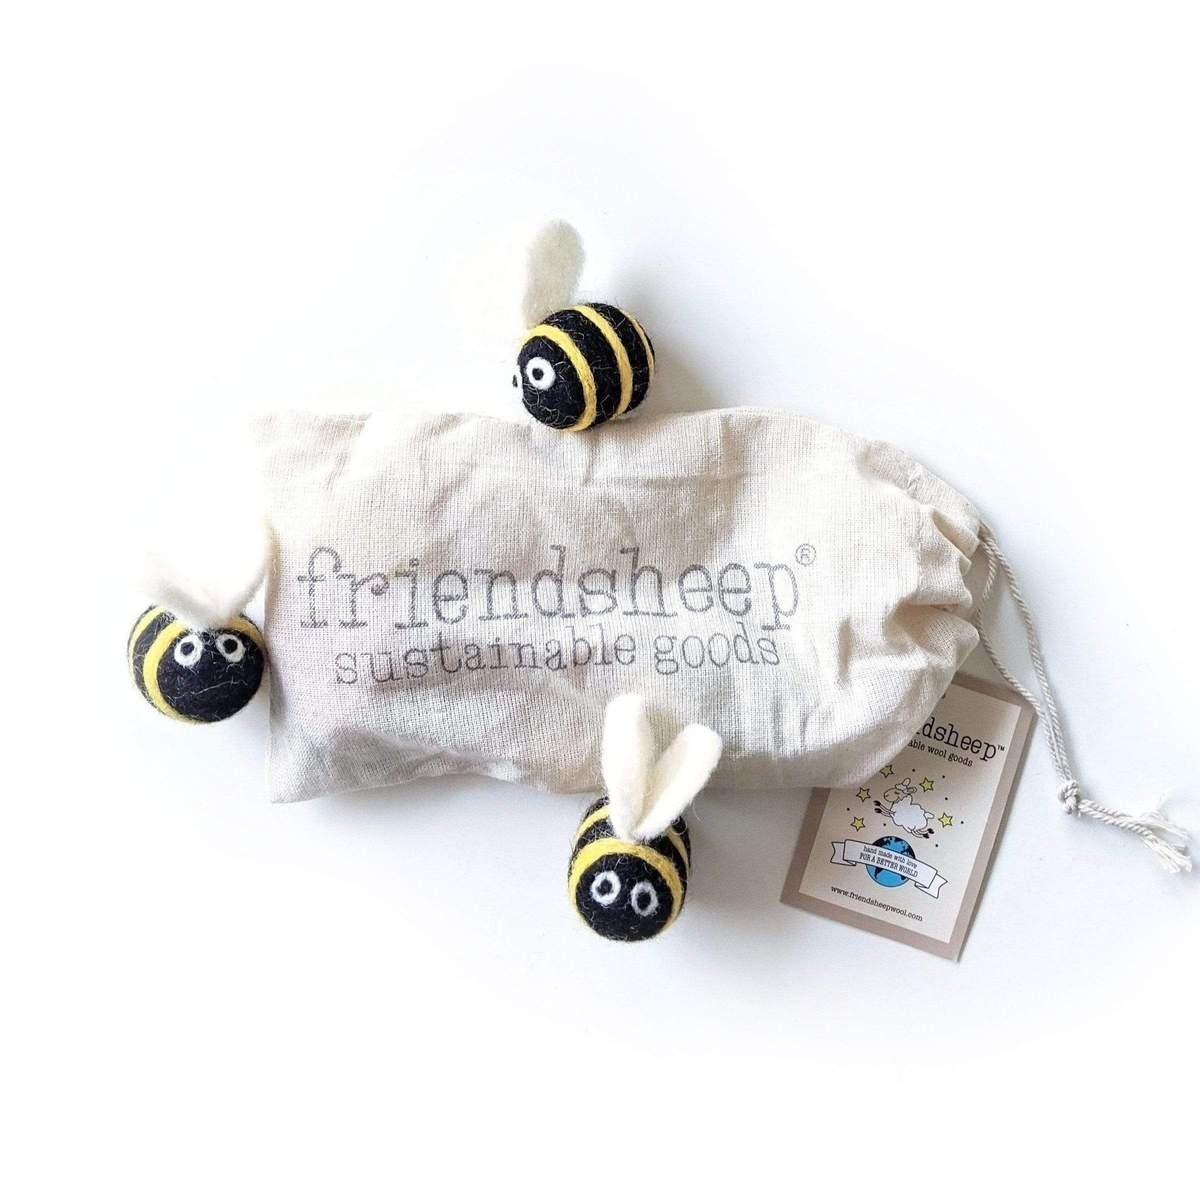 Friendsheep Friendsheep Berta The Honeybee and Sisters 3 pack